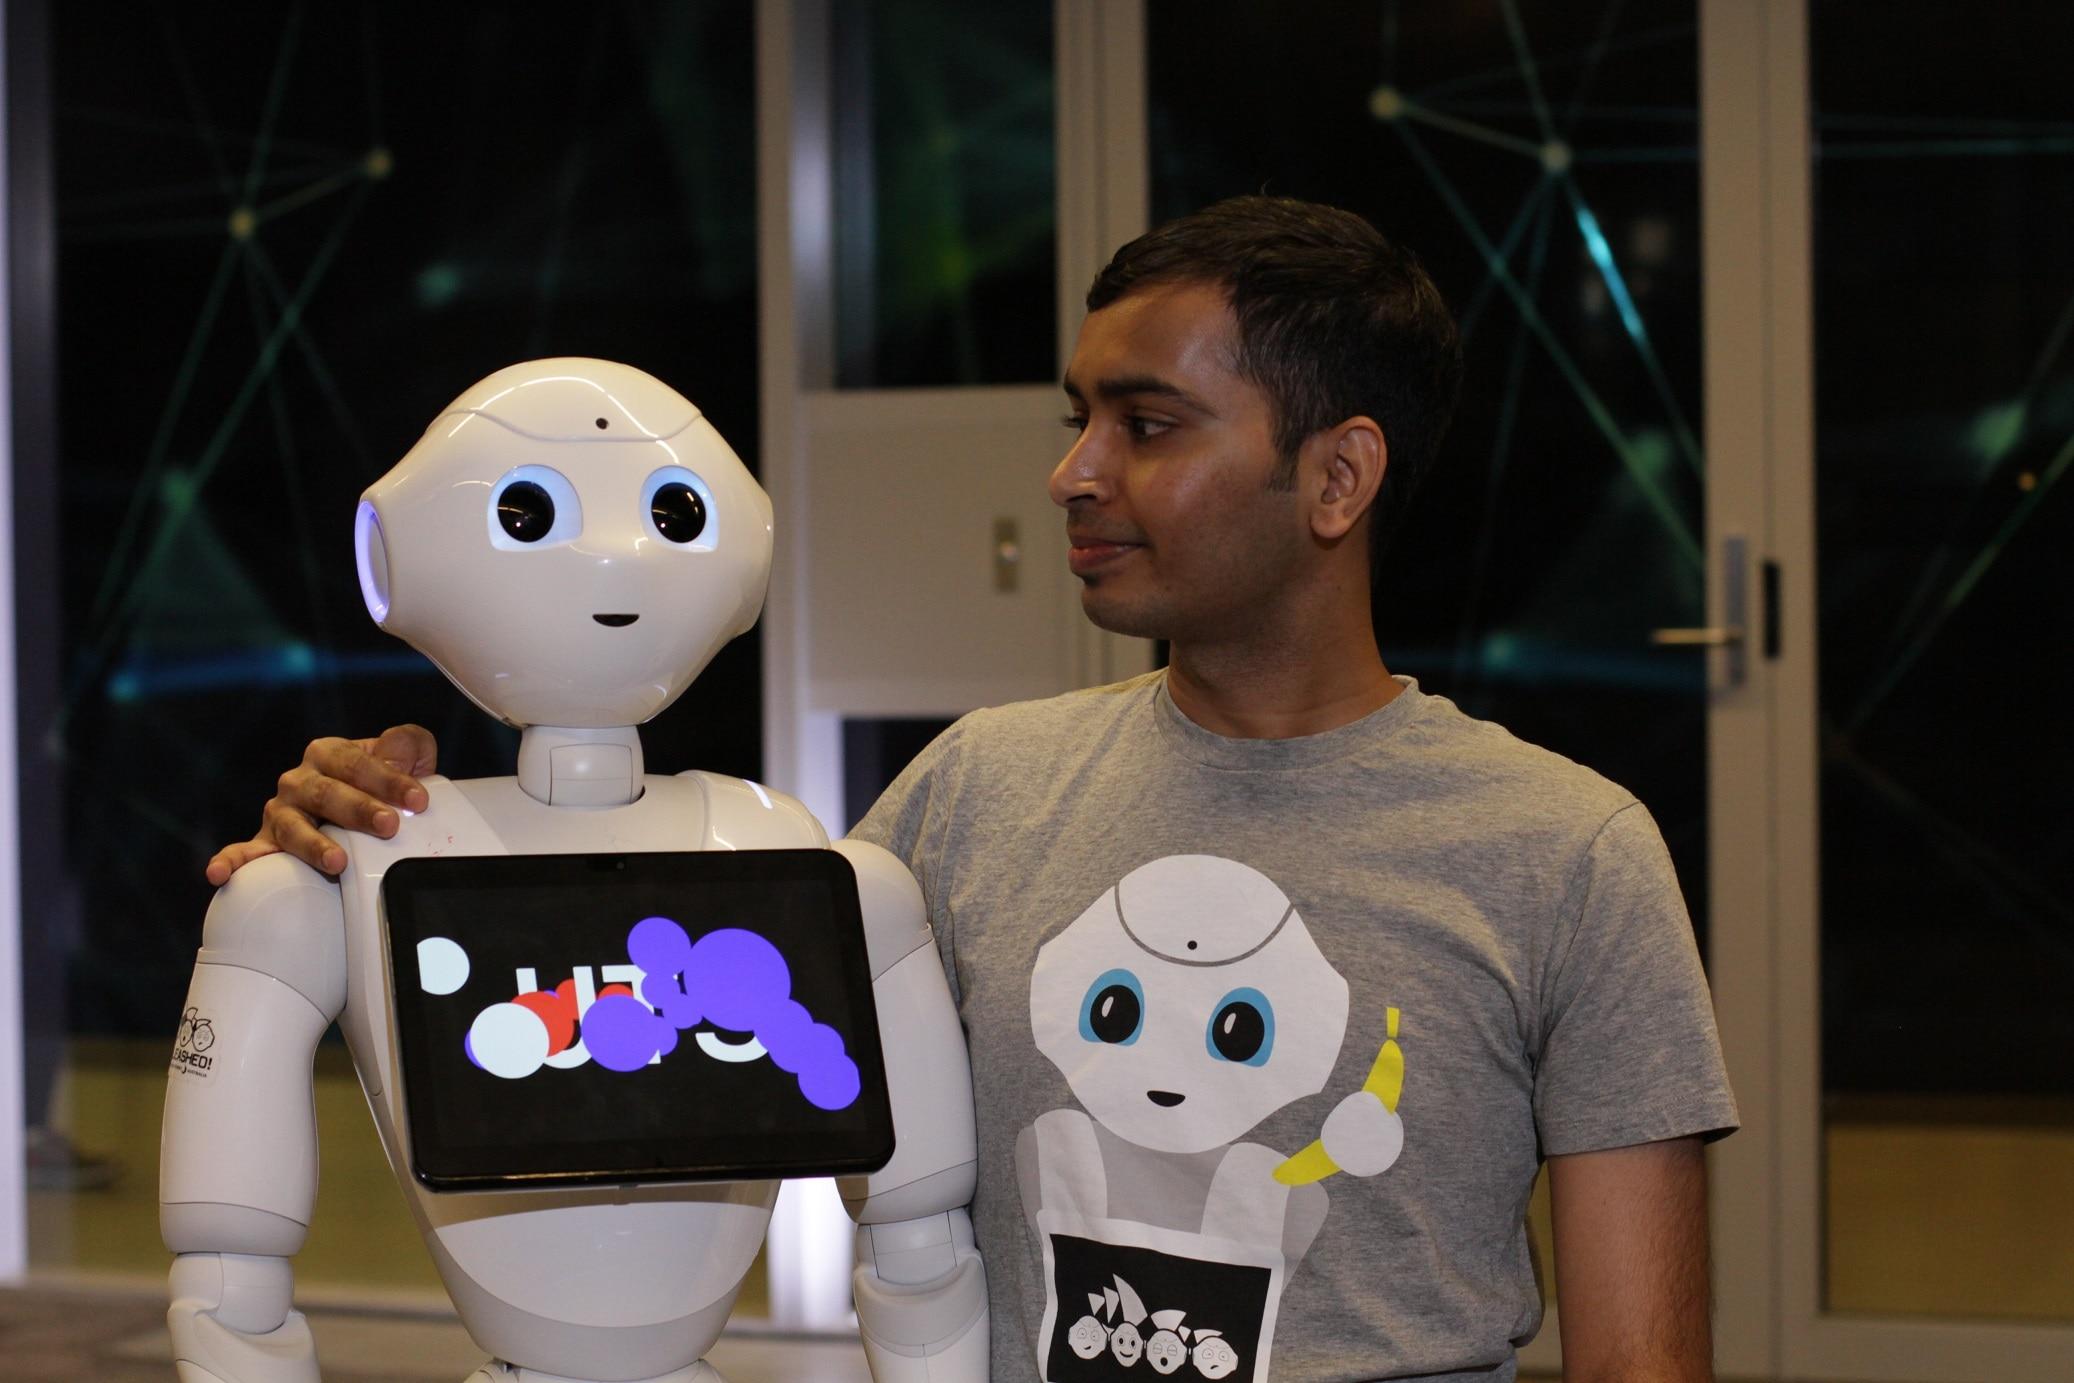 Social robotics explores how robots can assist humans